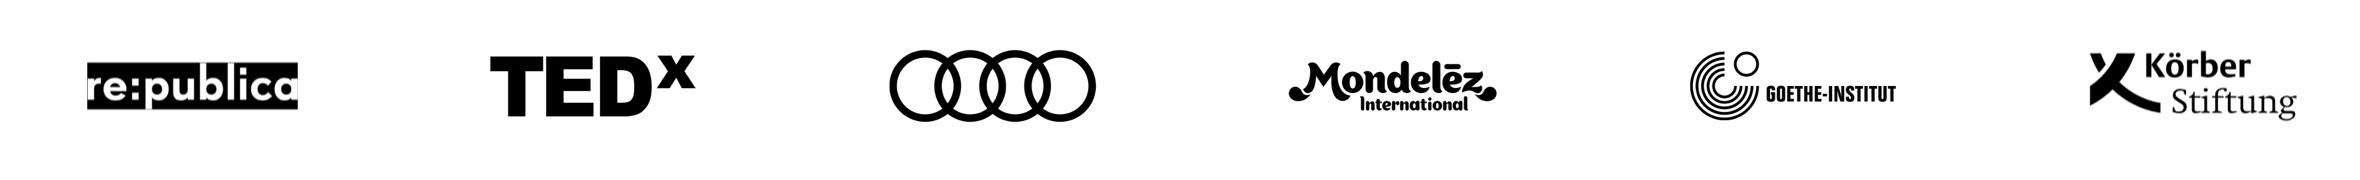 Logos von ausgewählten Referenz-Firmen und Veranstaltungen: re:publica, TEDx, Audi, Mondelez, Goethe-Institut, Körber-Stiftung,